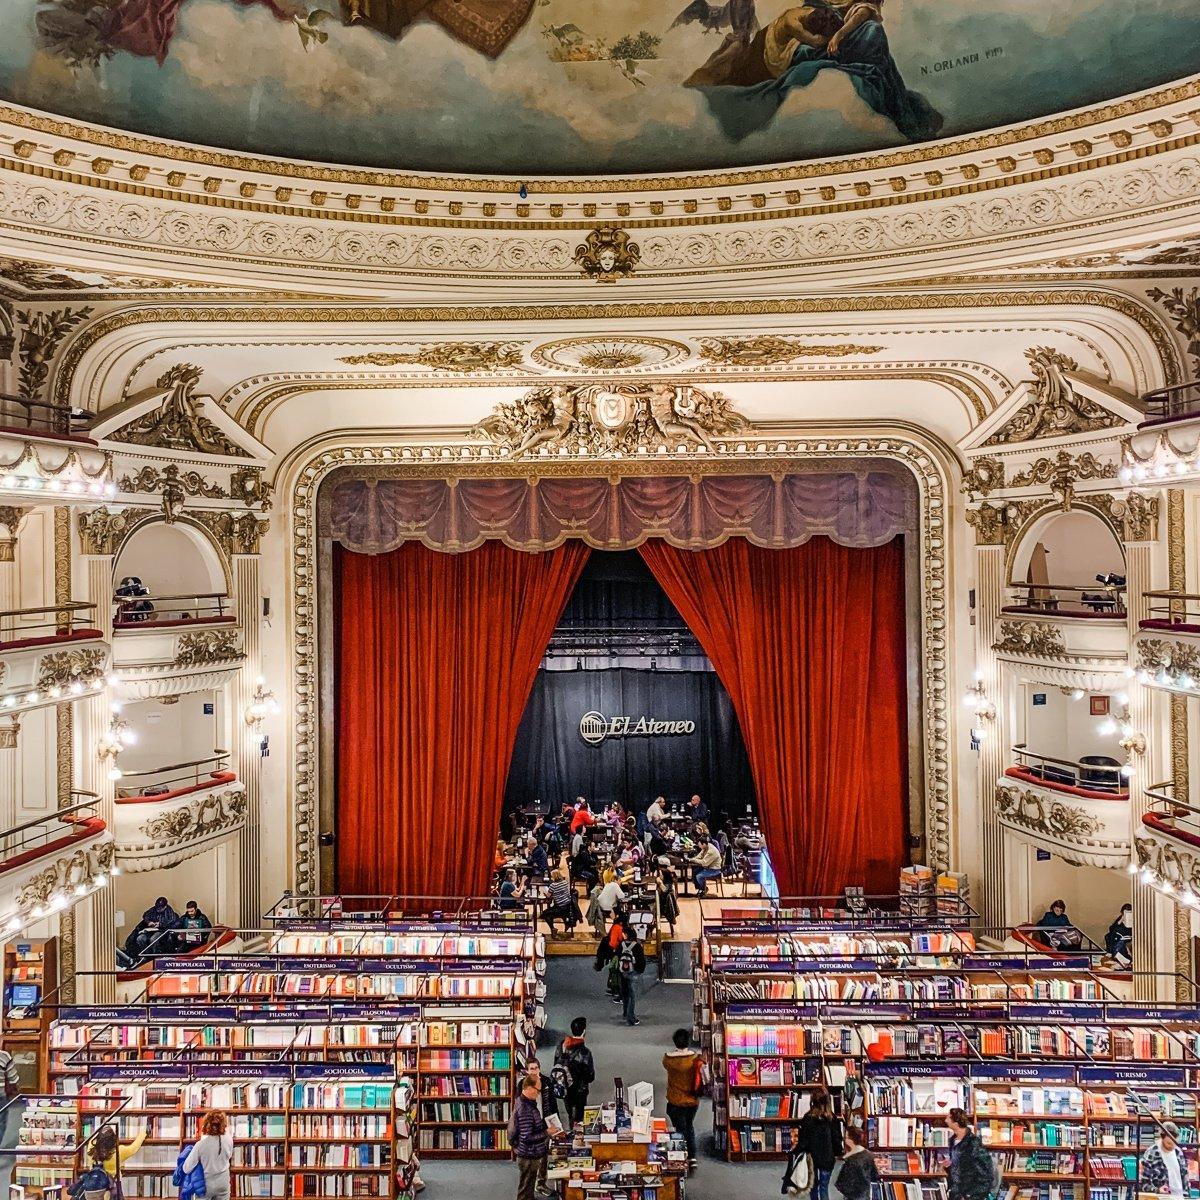 El Ataneo bookstore in Buenos Aires